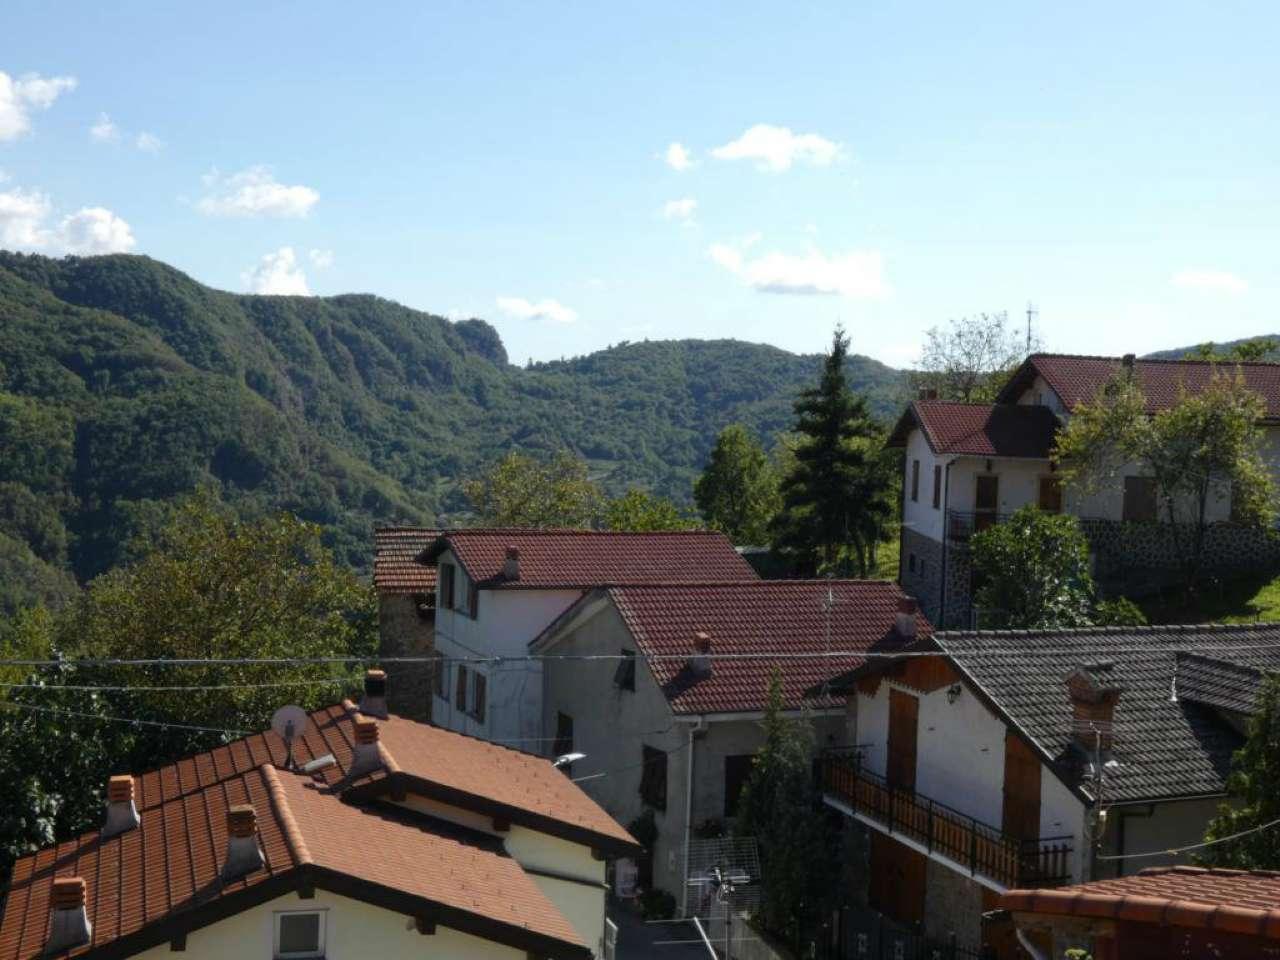 Appartamento in vendita a Ronco Scrivia, 5 locali, prezzo € 9.000 | CambioCasa.it